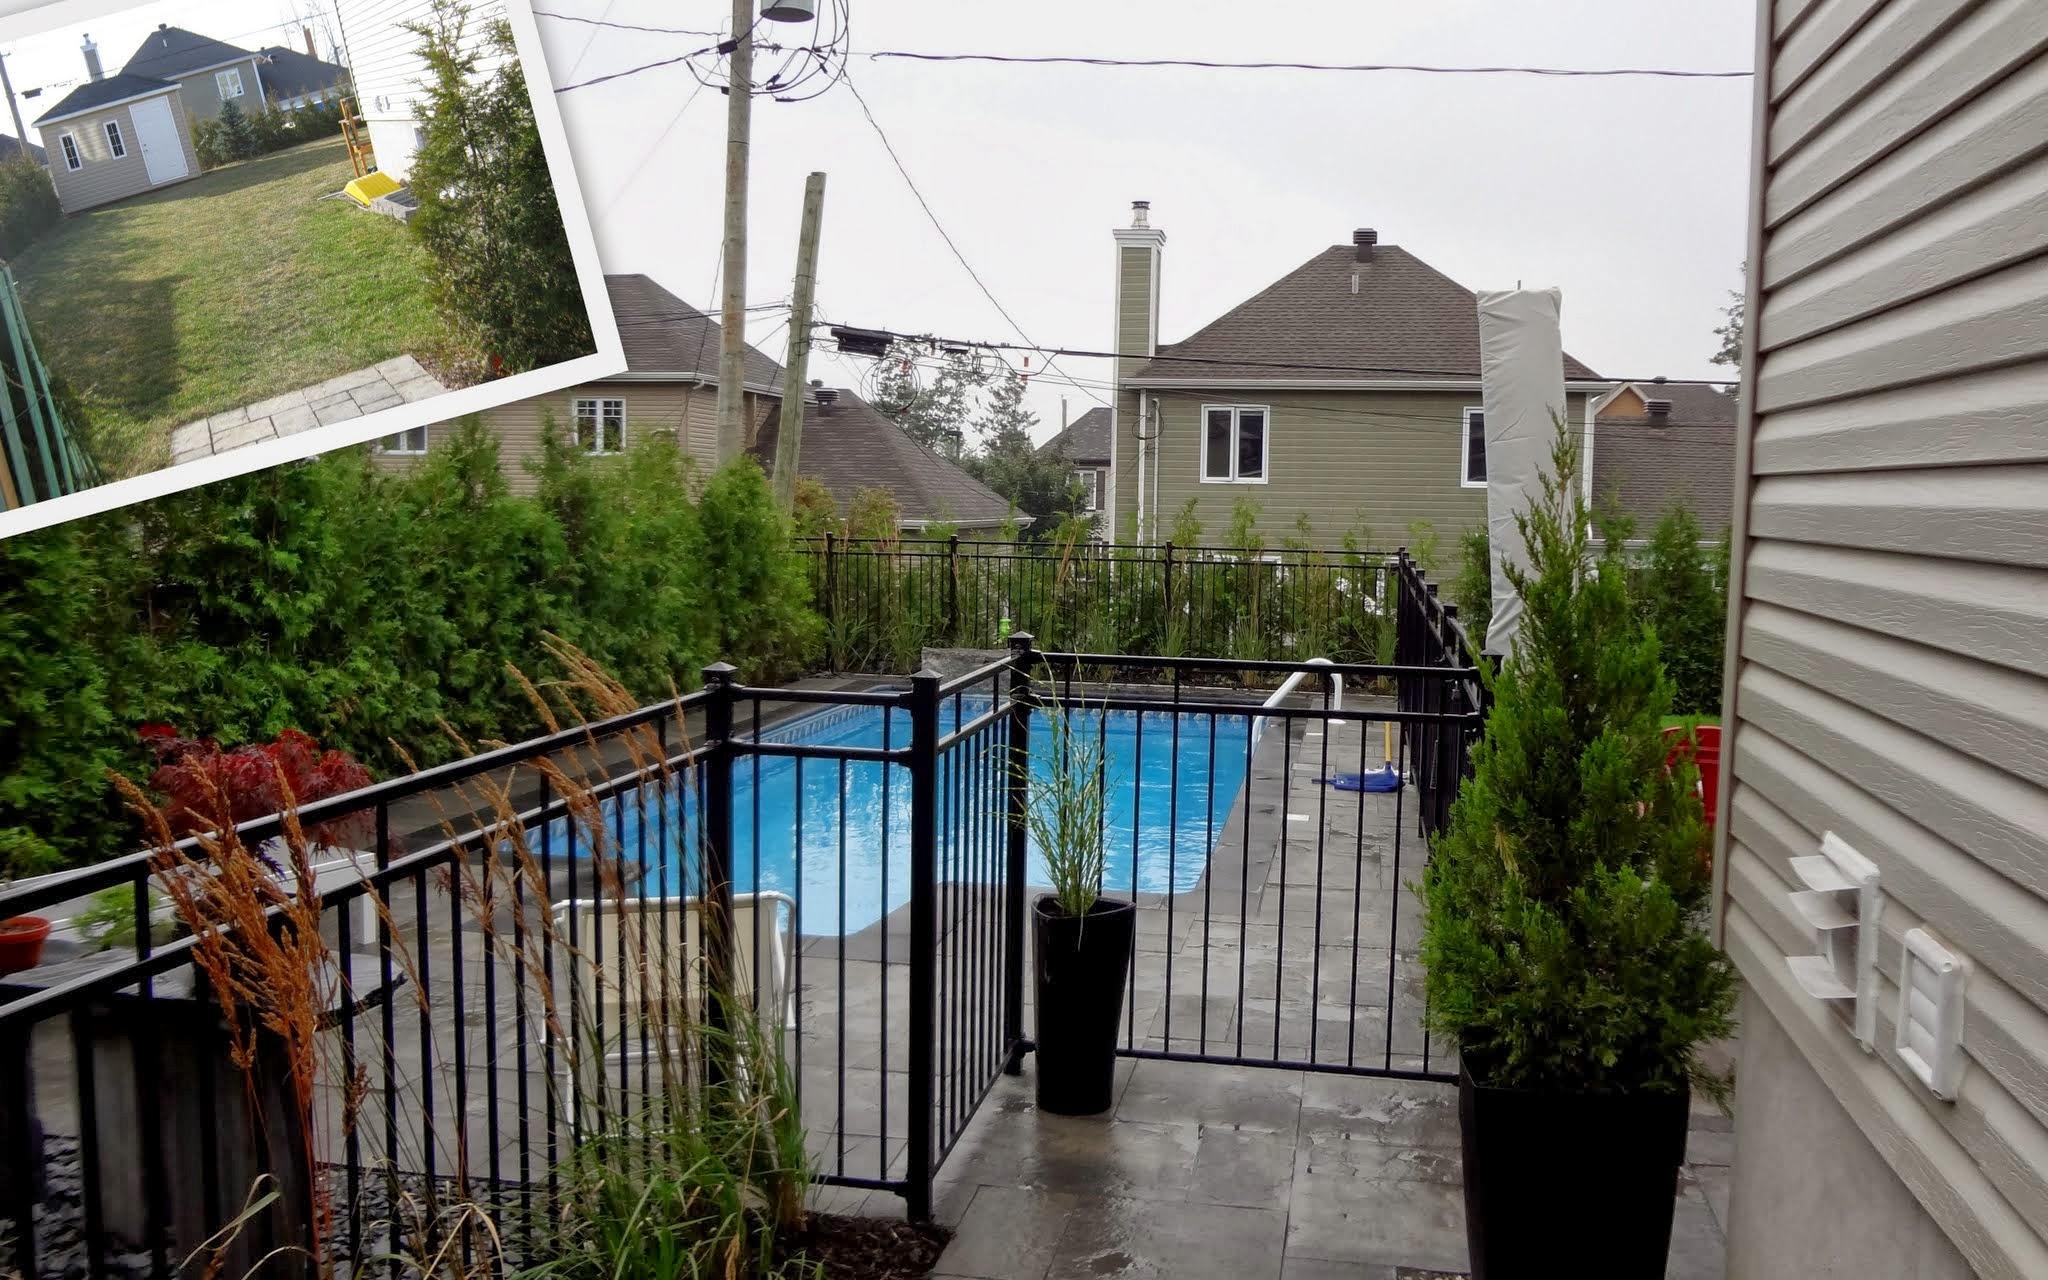 R alisation d am nagement paysager for Amenagement d une piscine